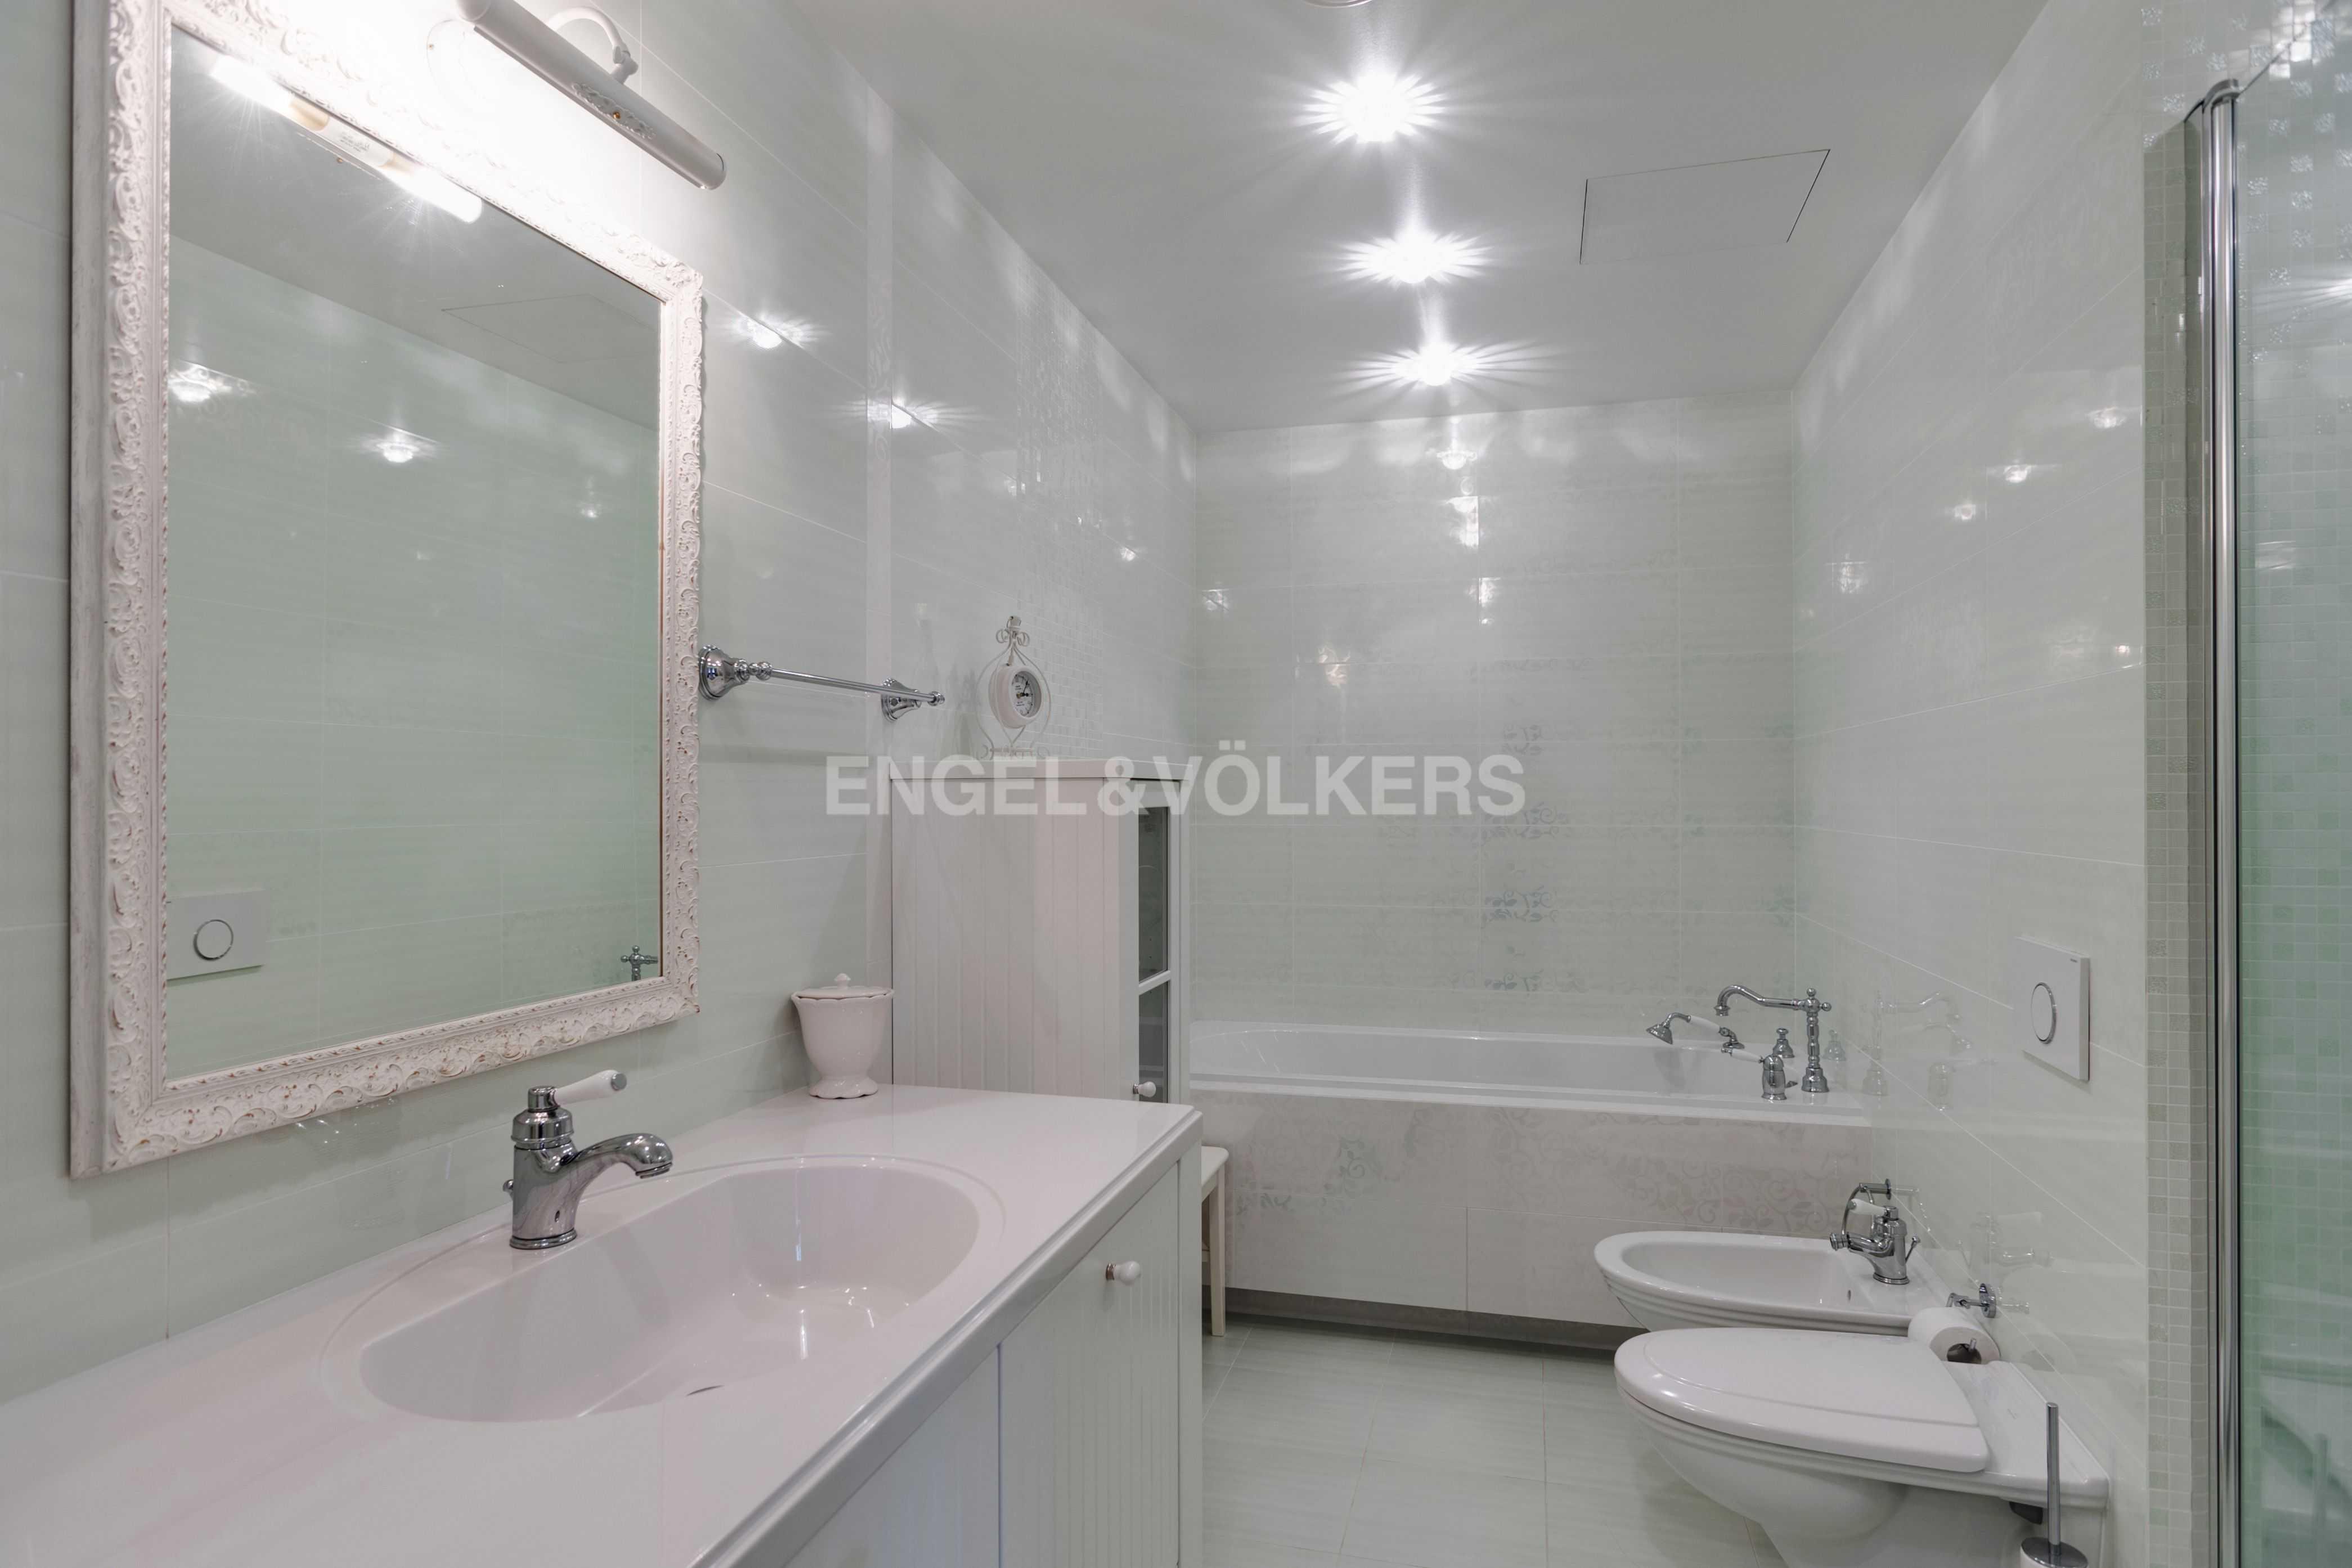 Элитные квартиры в Центральный р-н. Санкт-Петербург, Тверская ул., 1A . Ванная комната в спальне